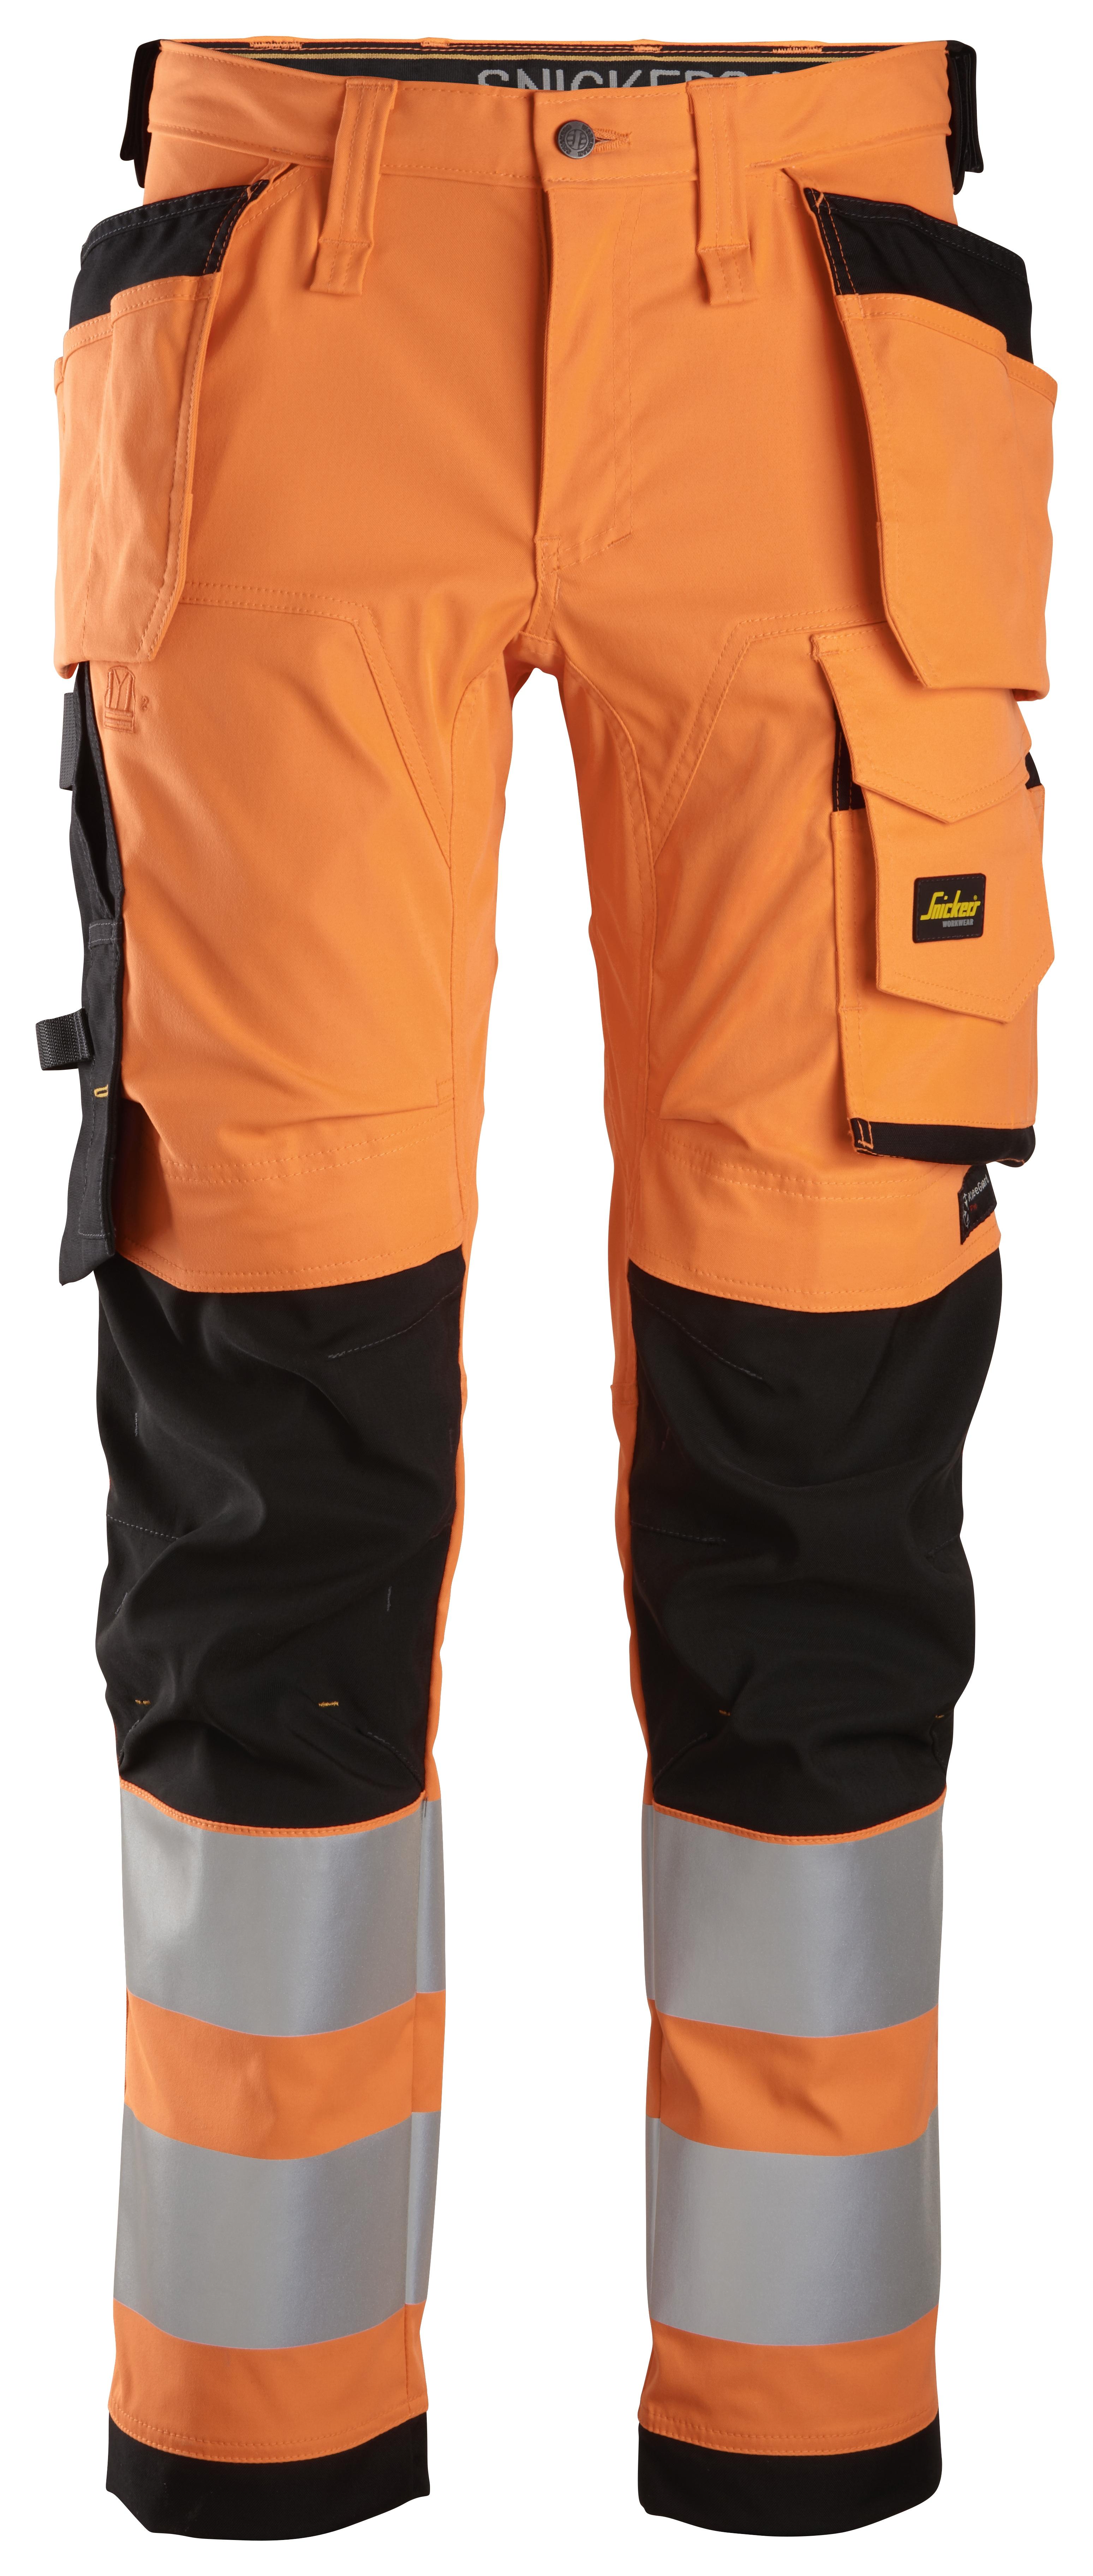 Snickers 6243 - AllroundWork Pantalon en tissu extensible avec poches holster, haute visibilité, Classe 10